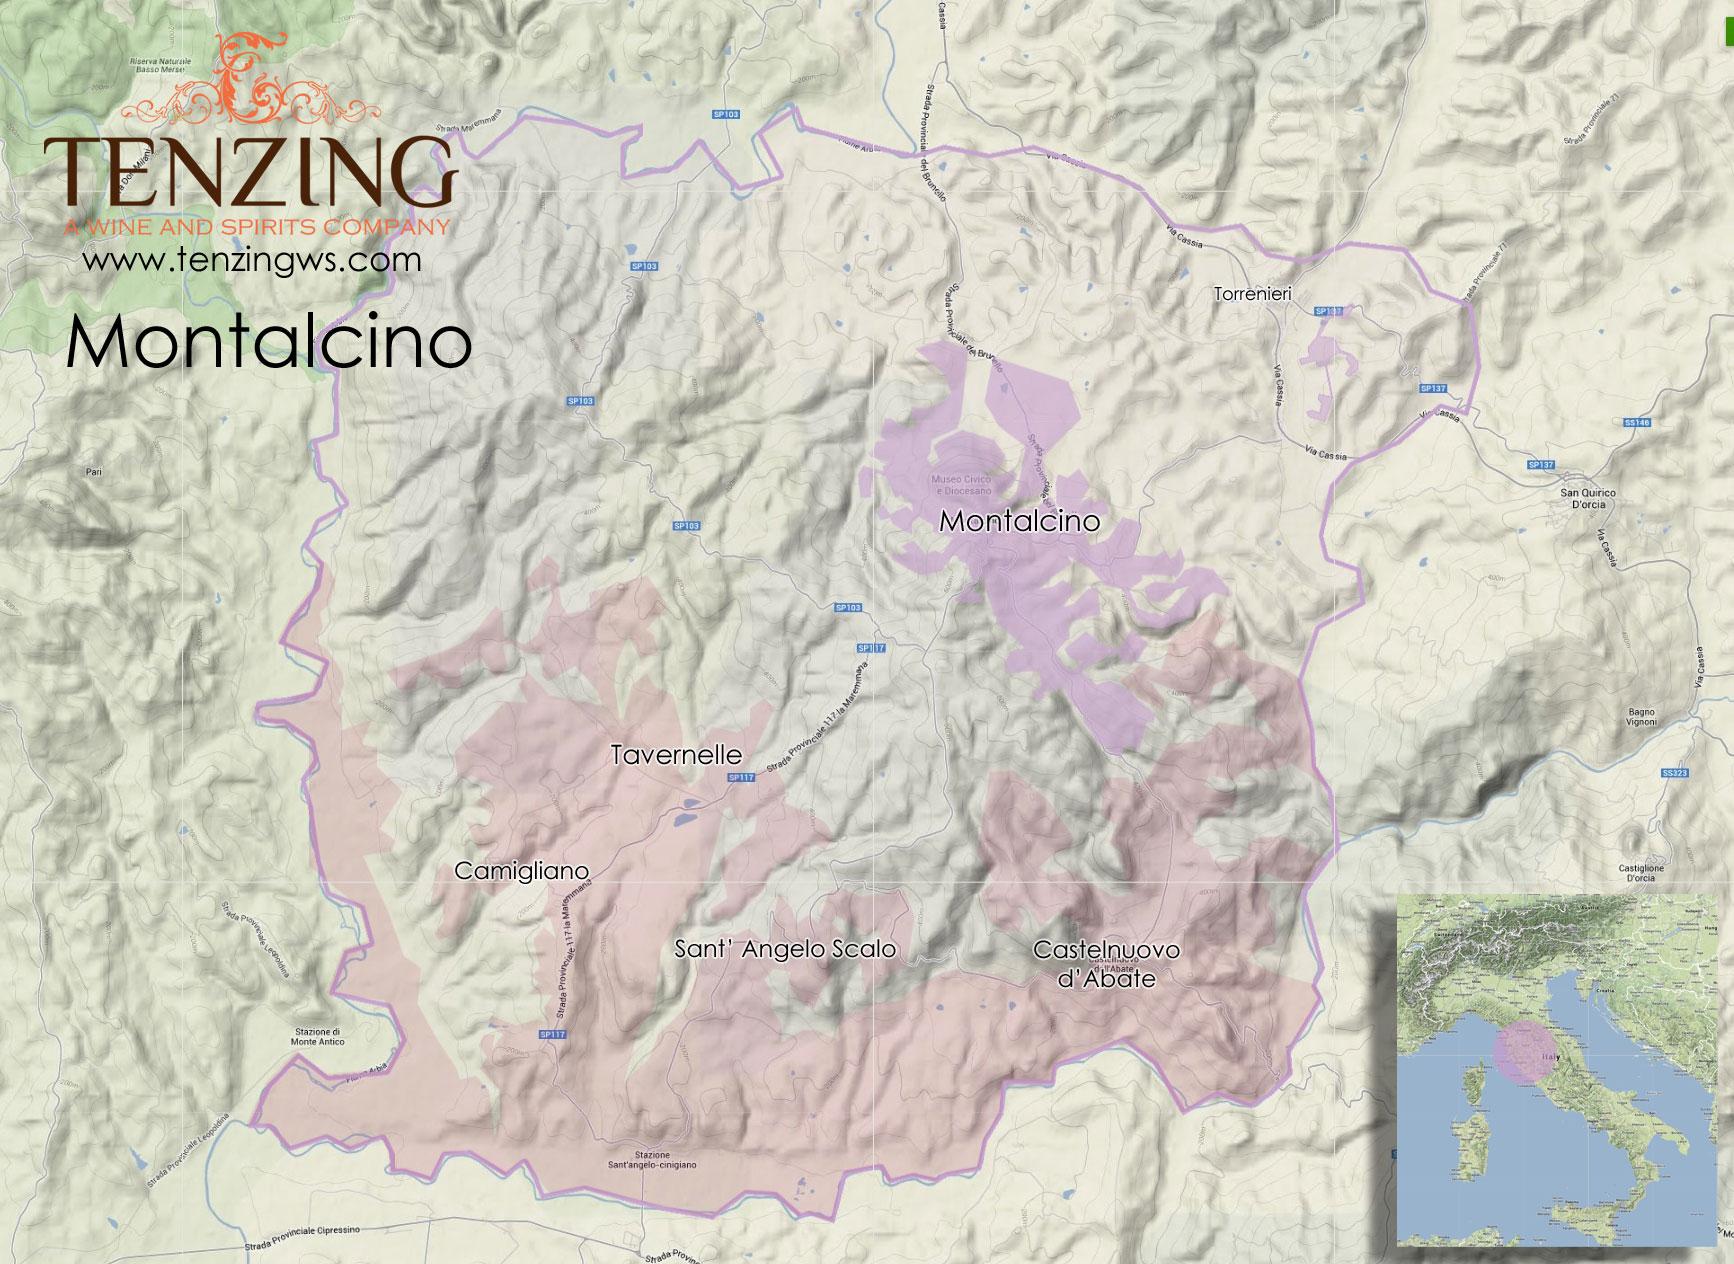 Montalcino-Wine-Map-Terrain.jpg